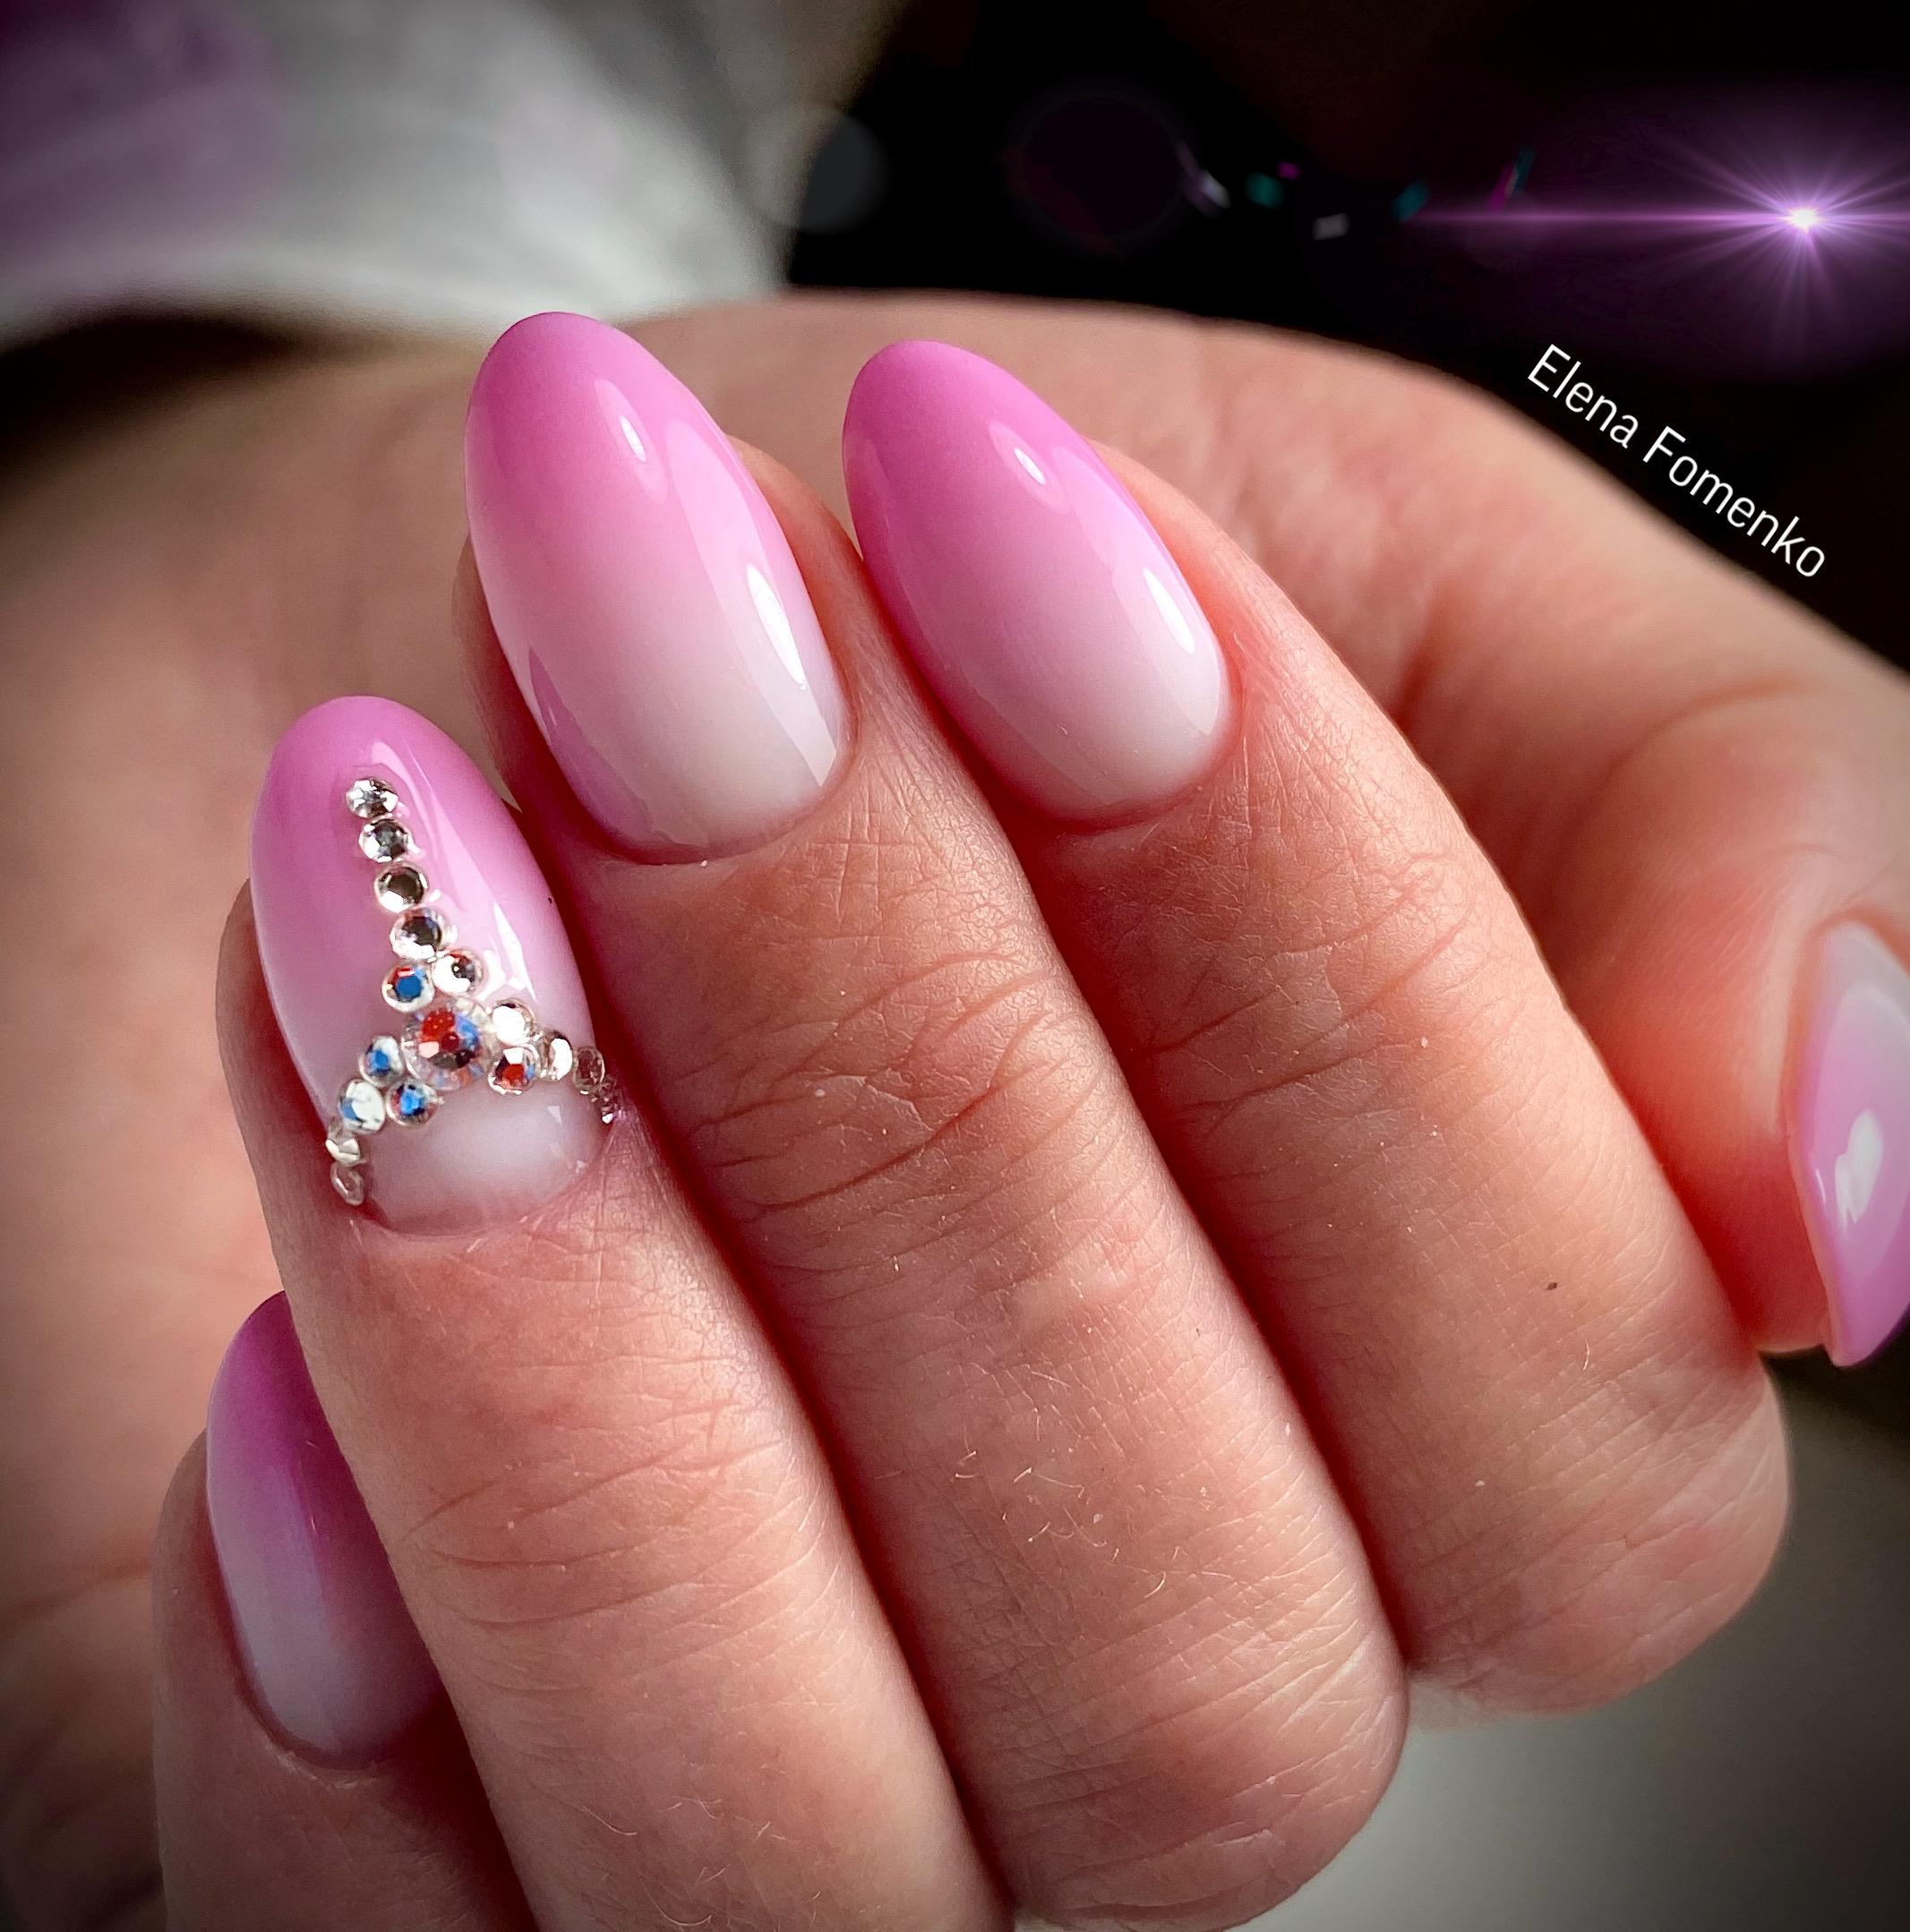 Маникюр с градиентом и стразами в розовом цвете на длинные ногти.